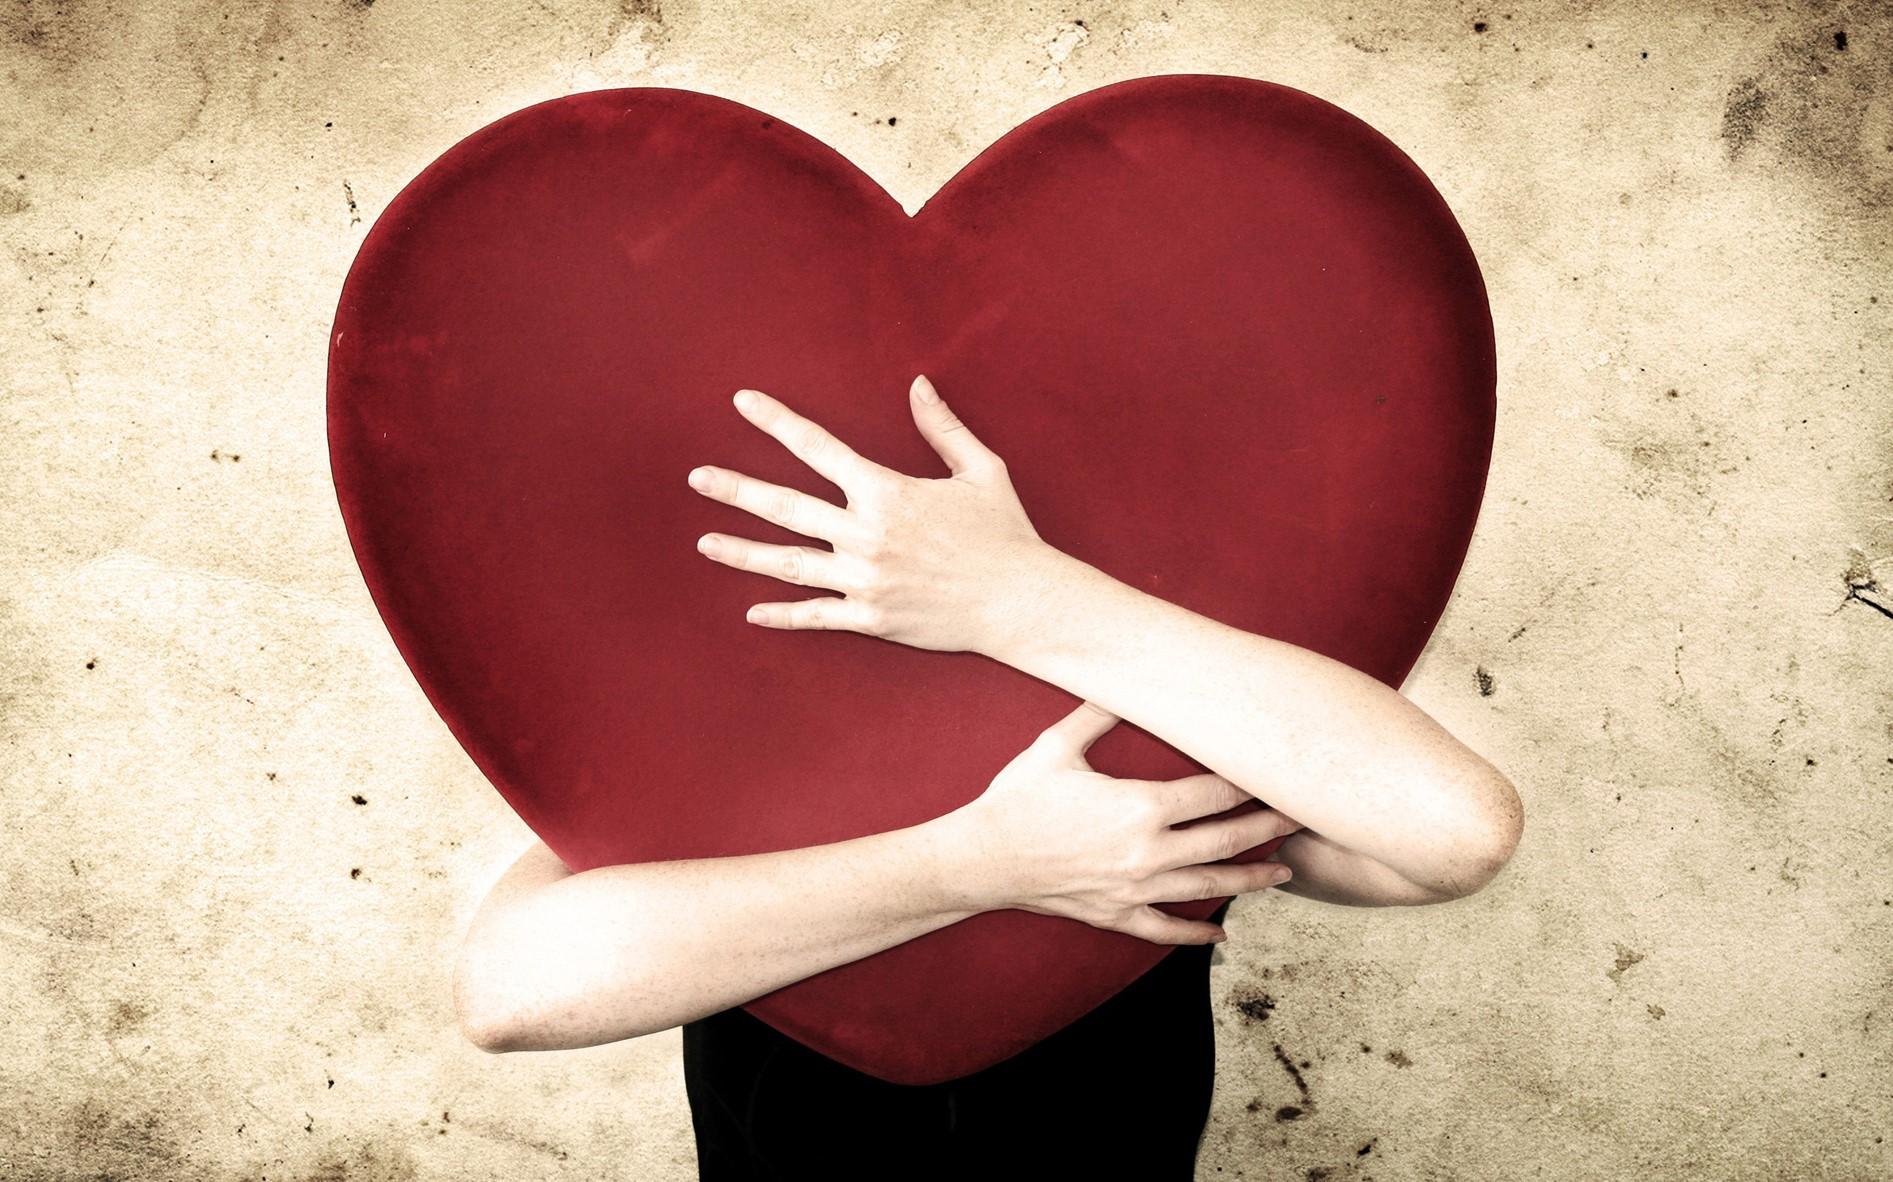 donna che abbraccia un cuore grandissimo